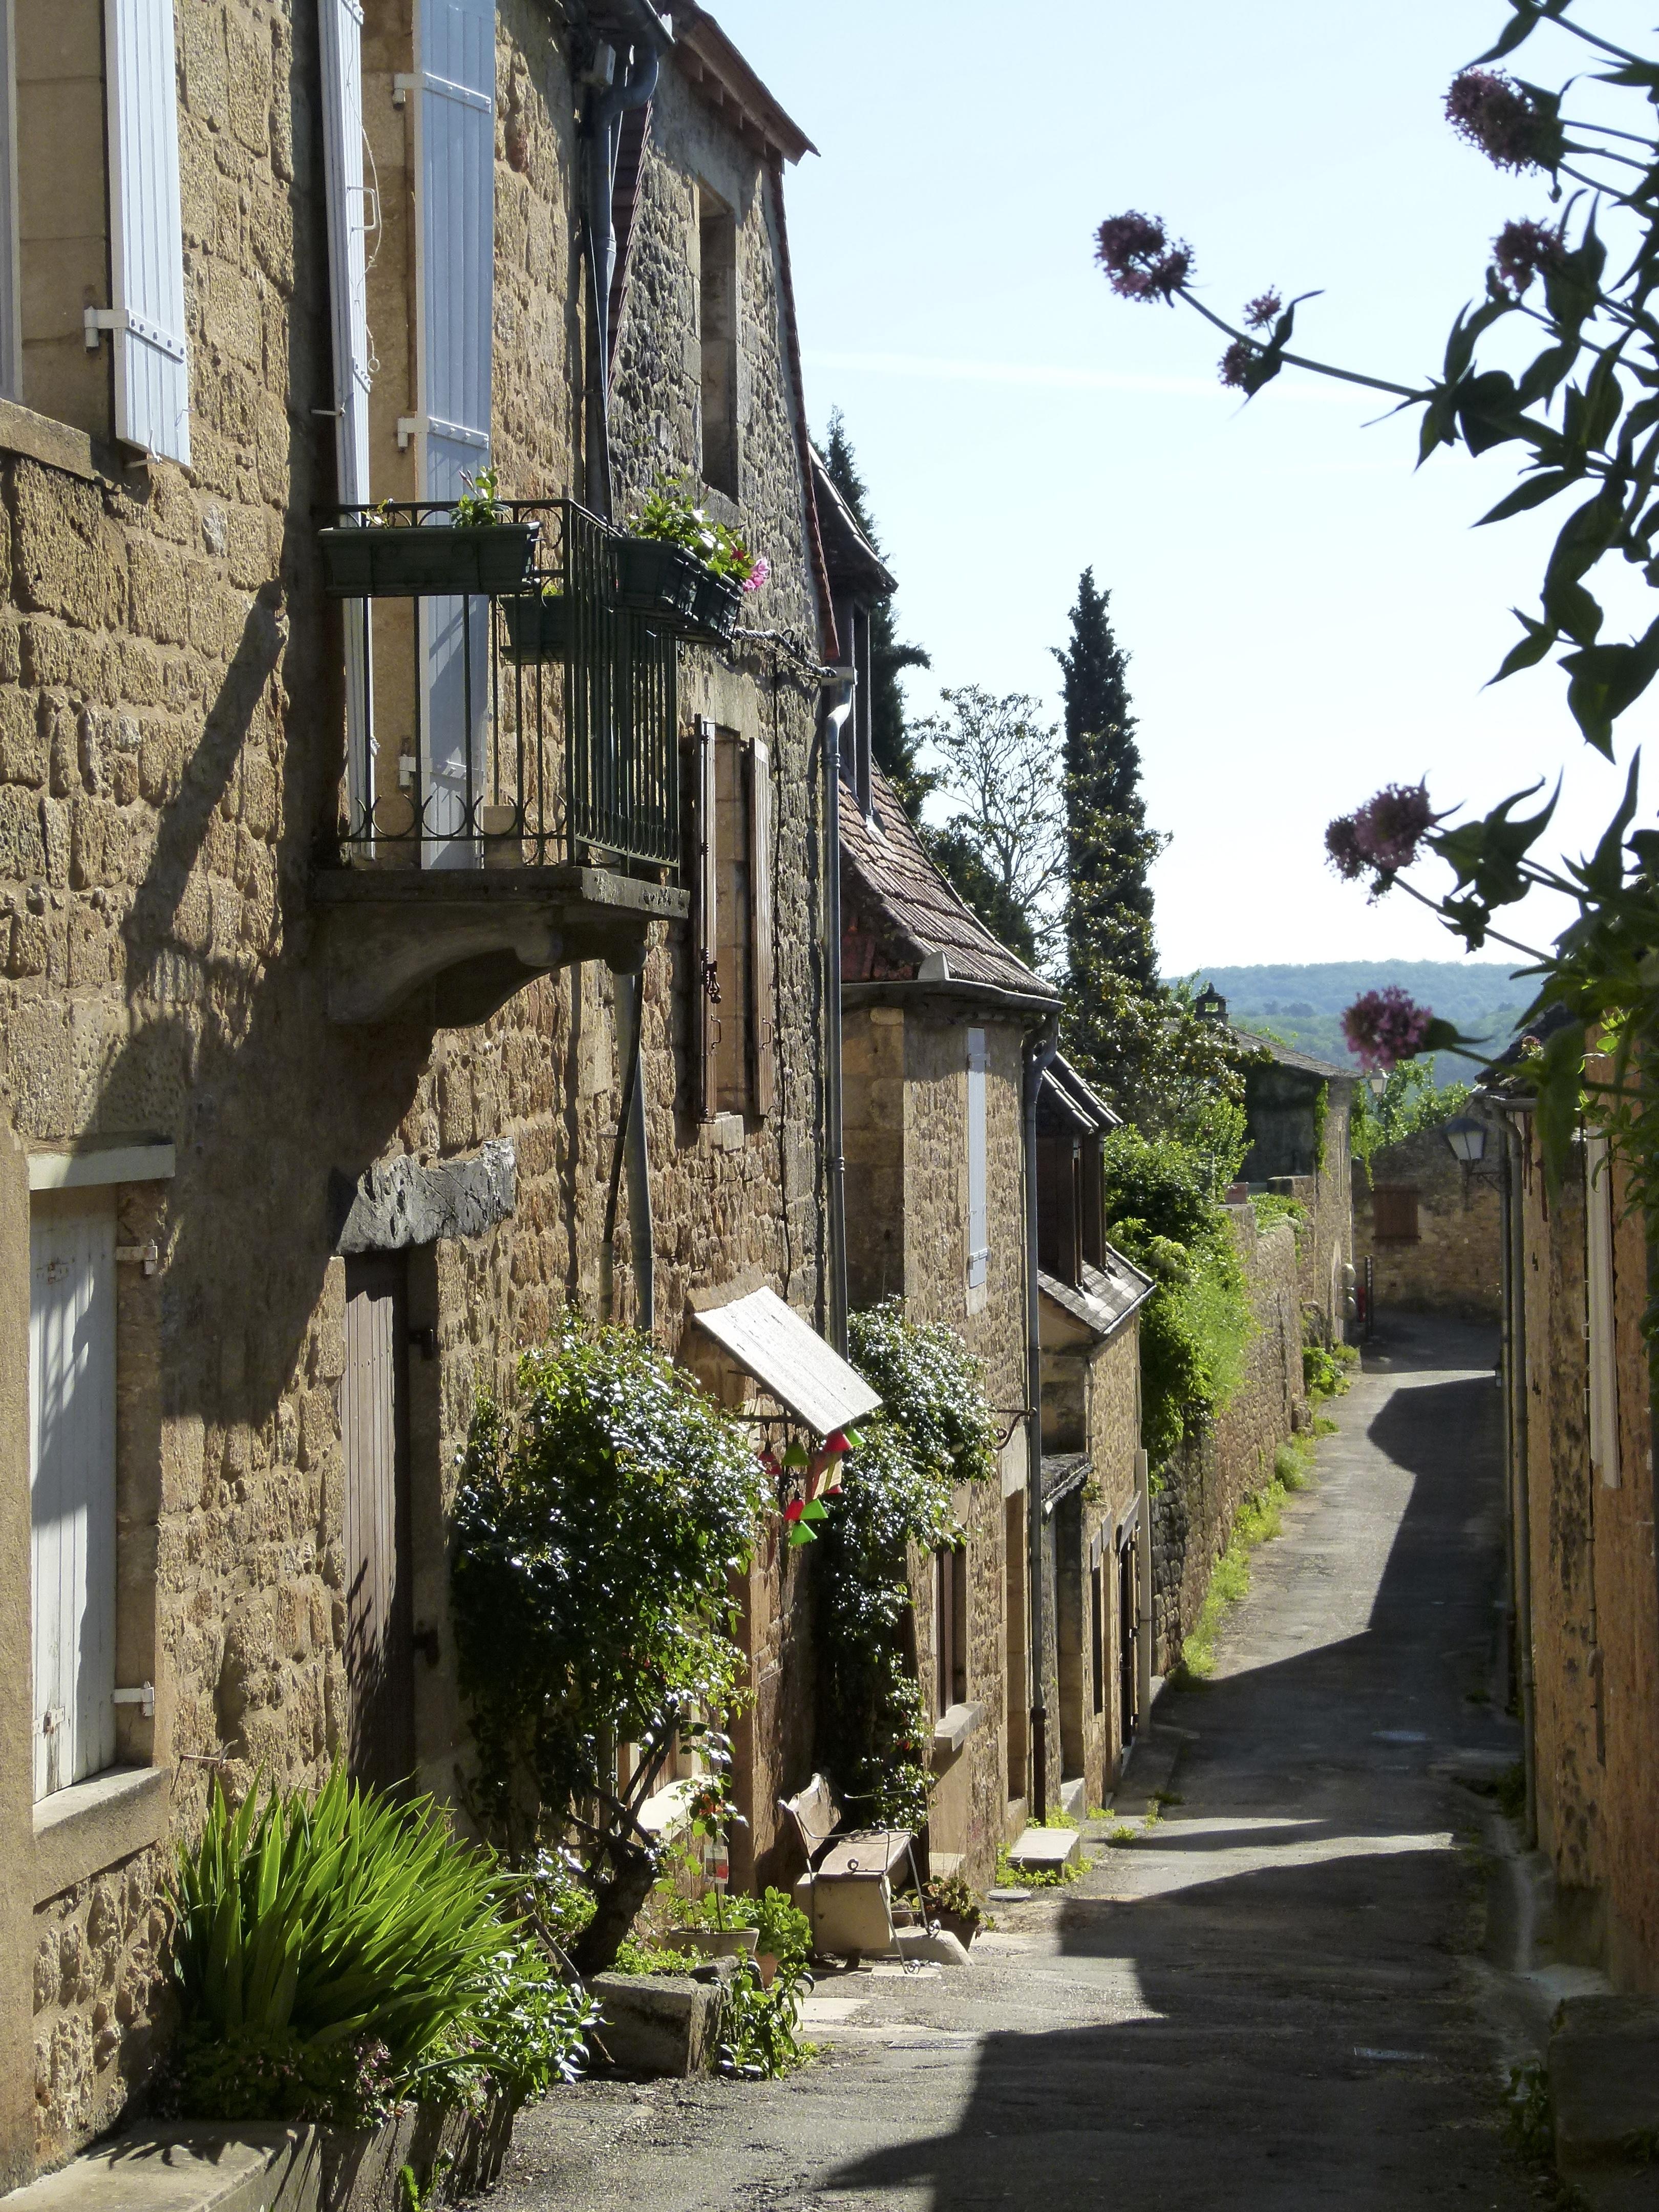 The Quiet Street